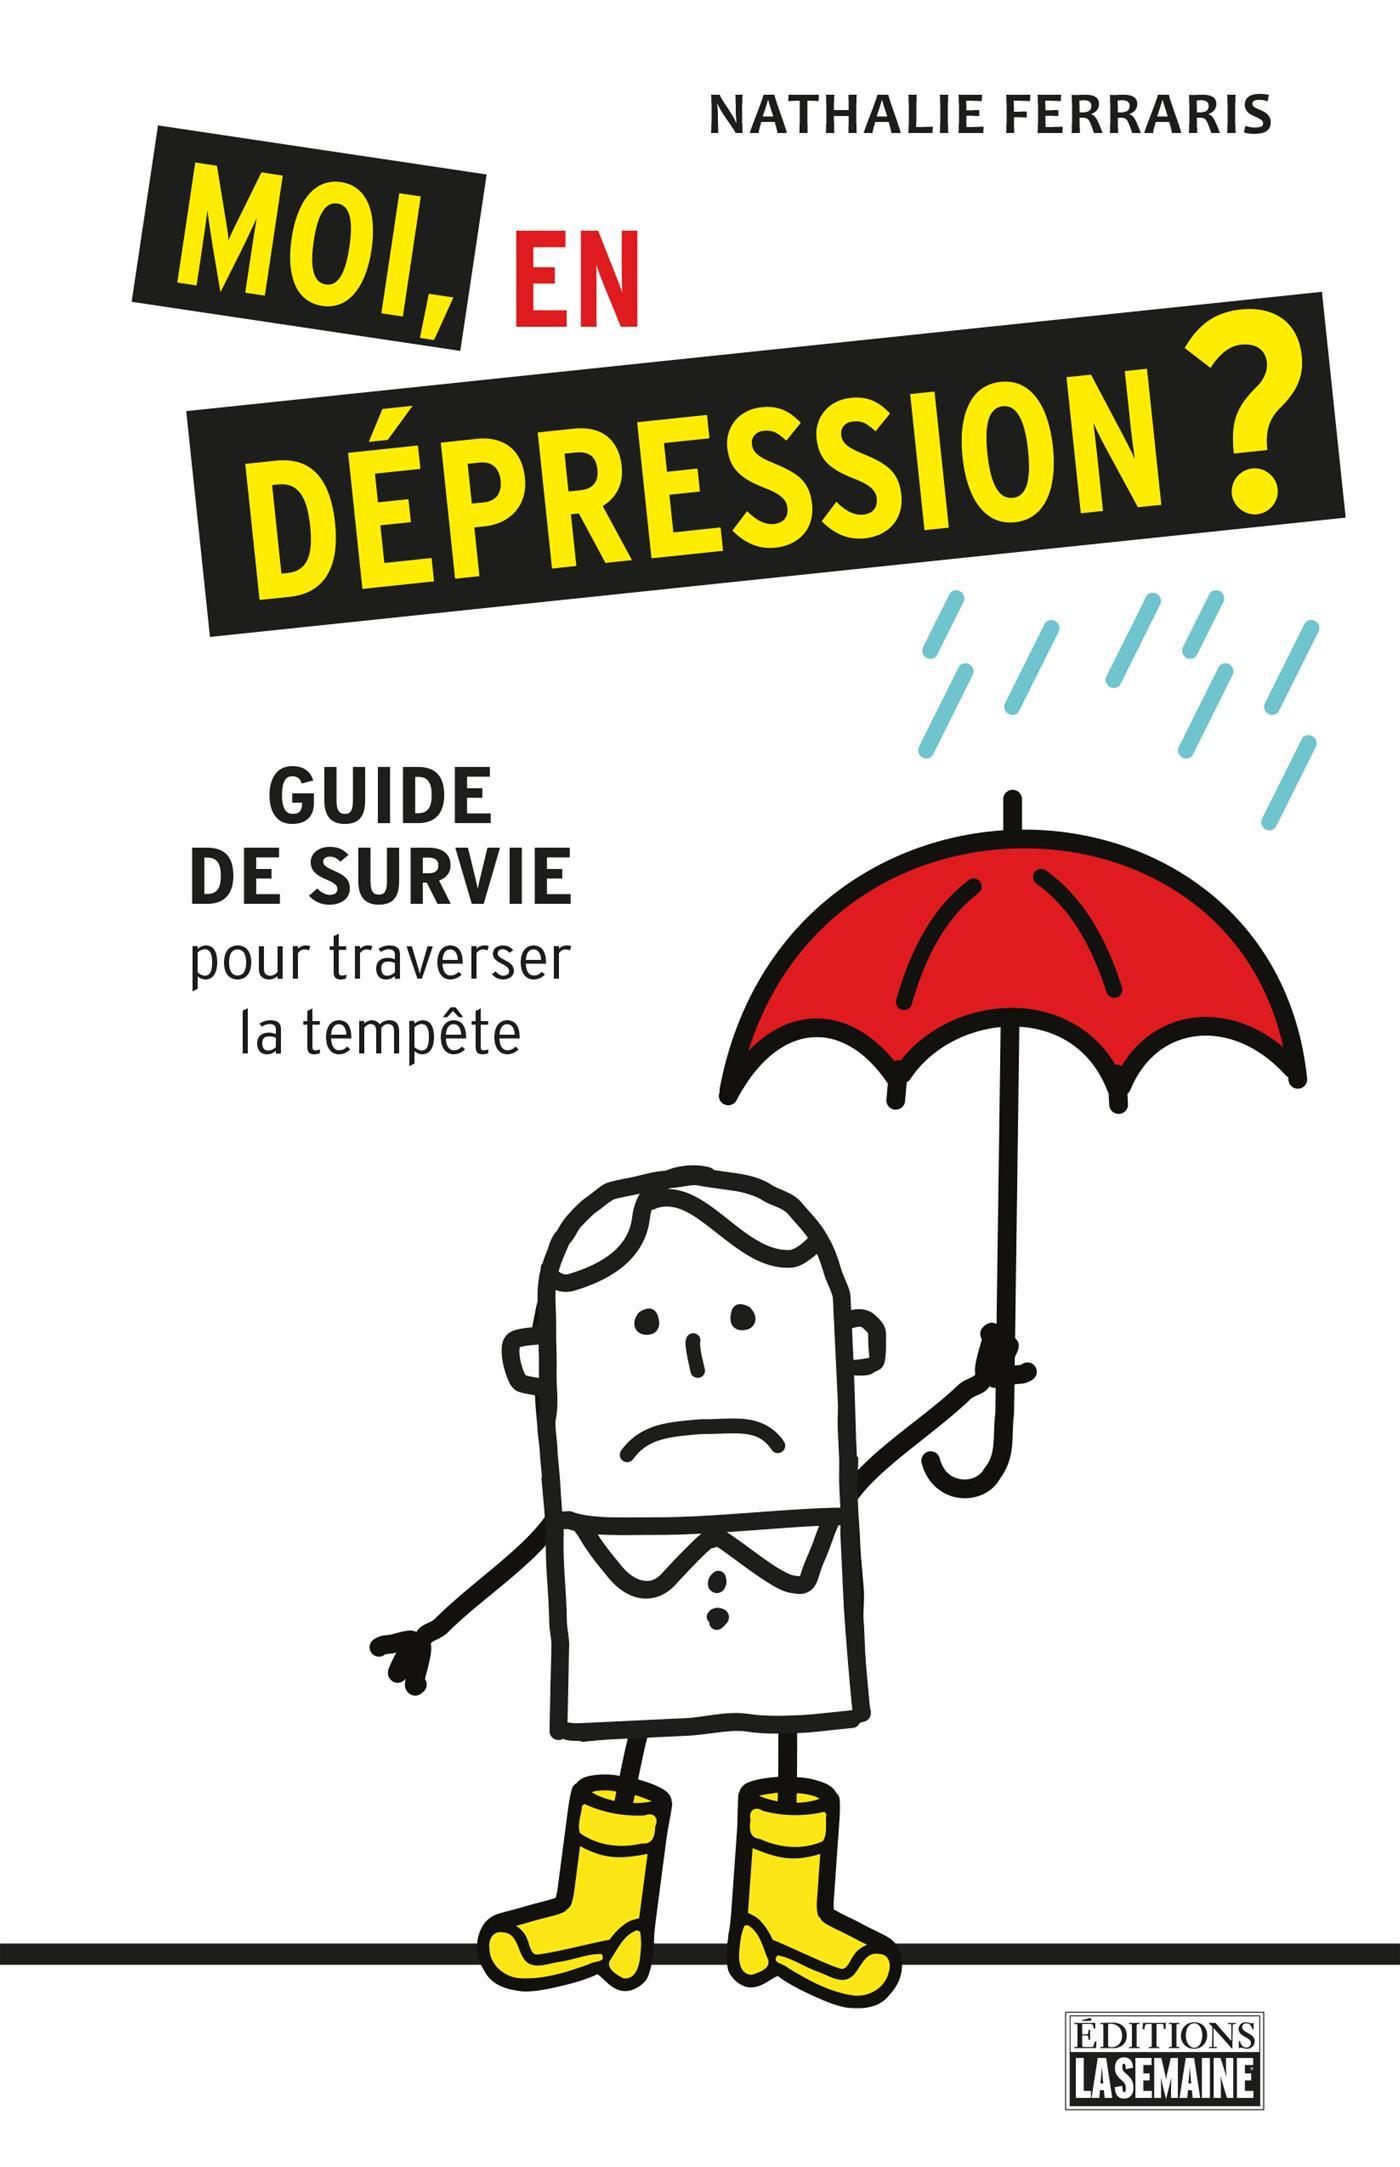 Moi, en dépression?